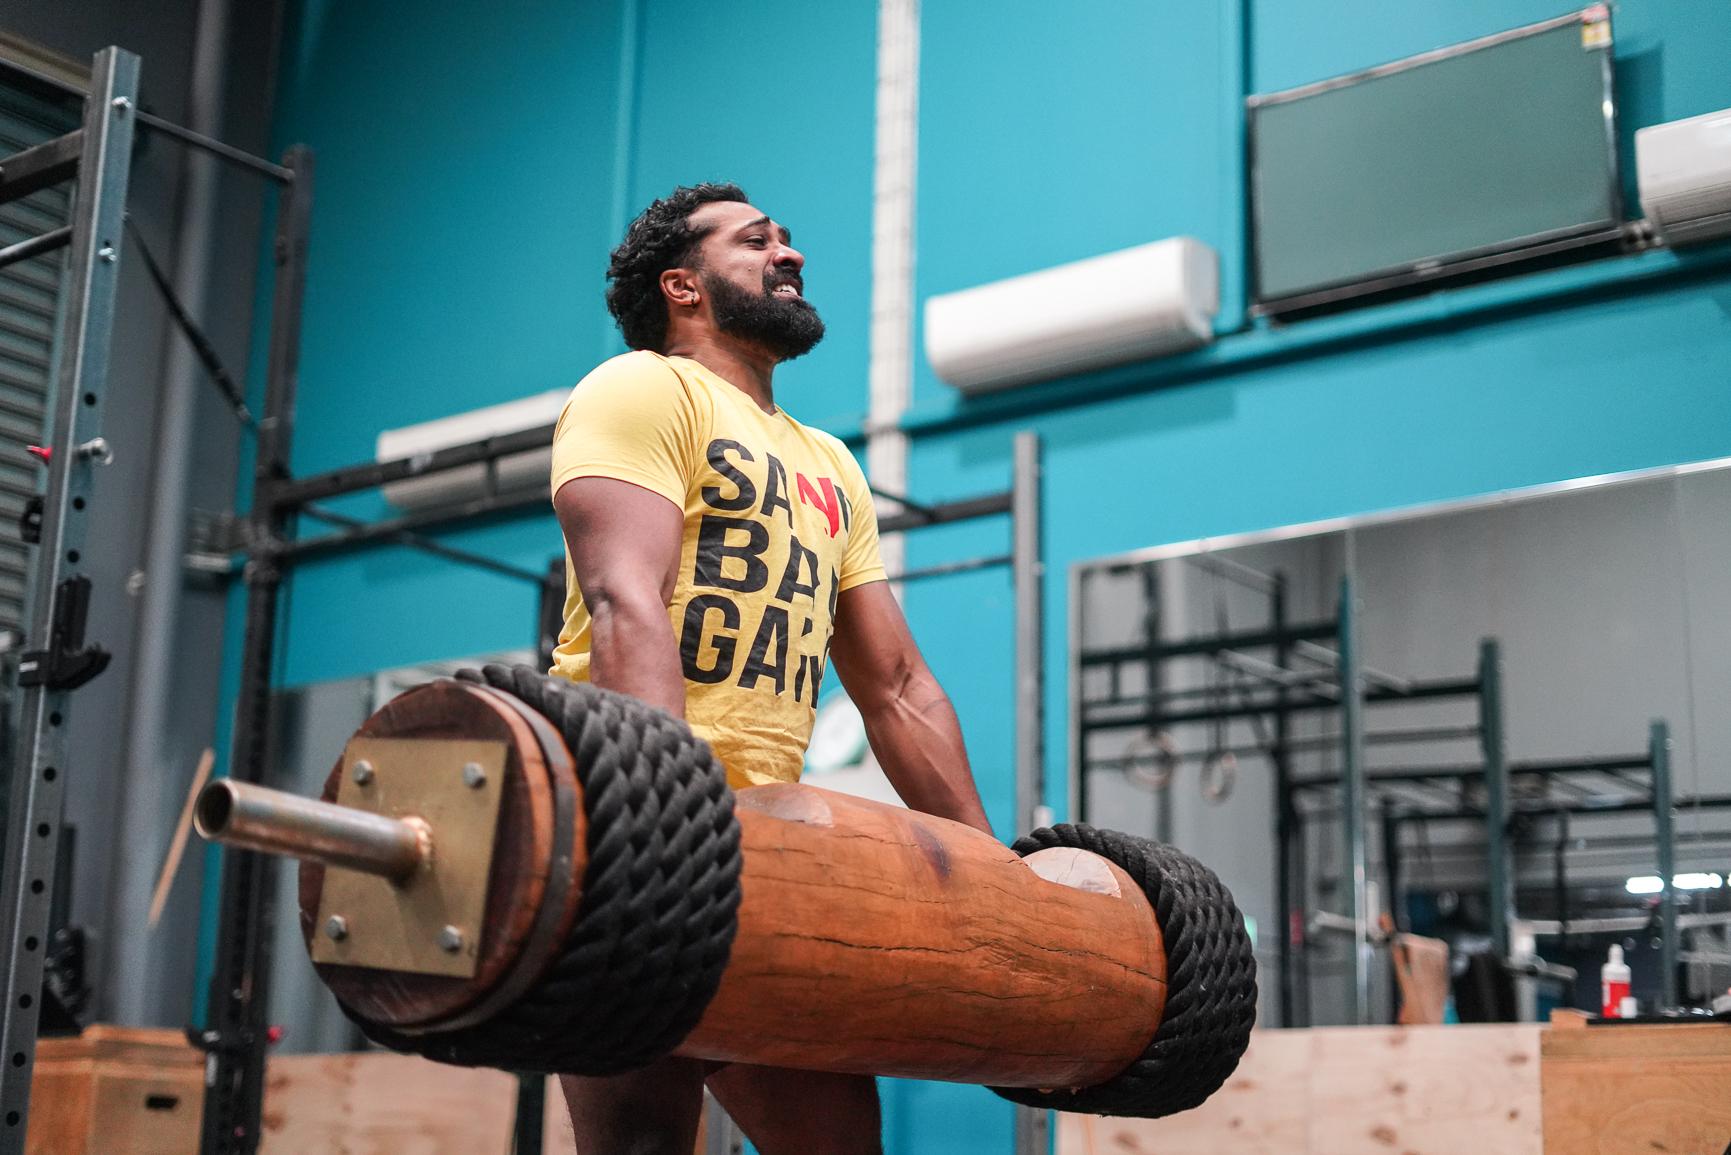 joshua wu raw barbell club olympic weightlifting